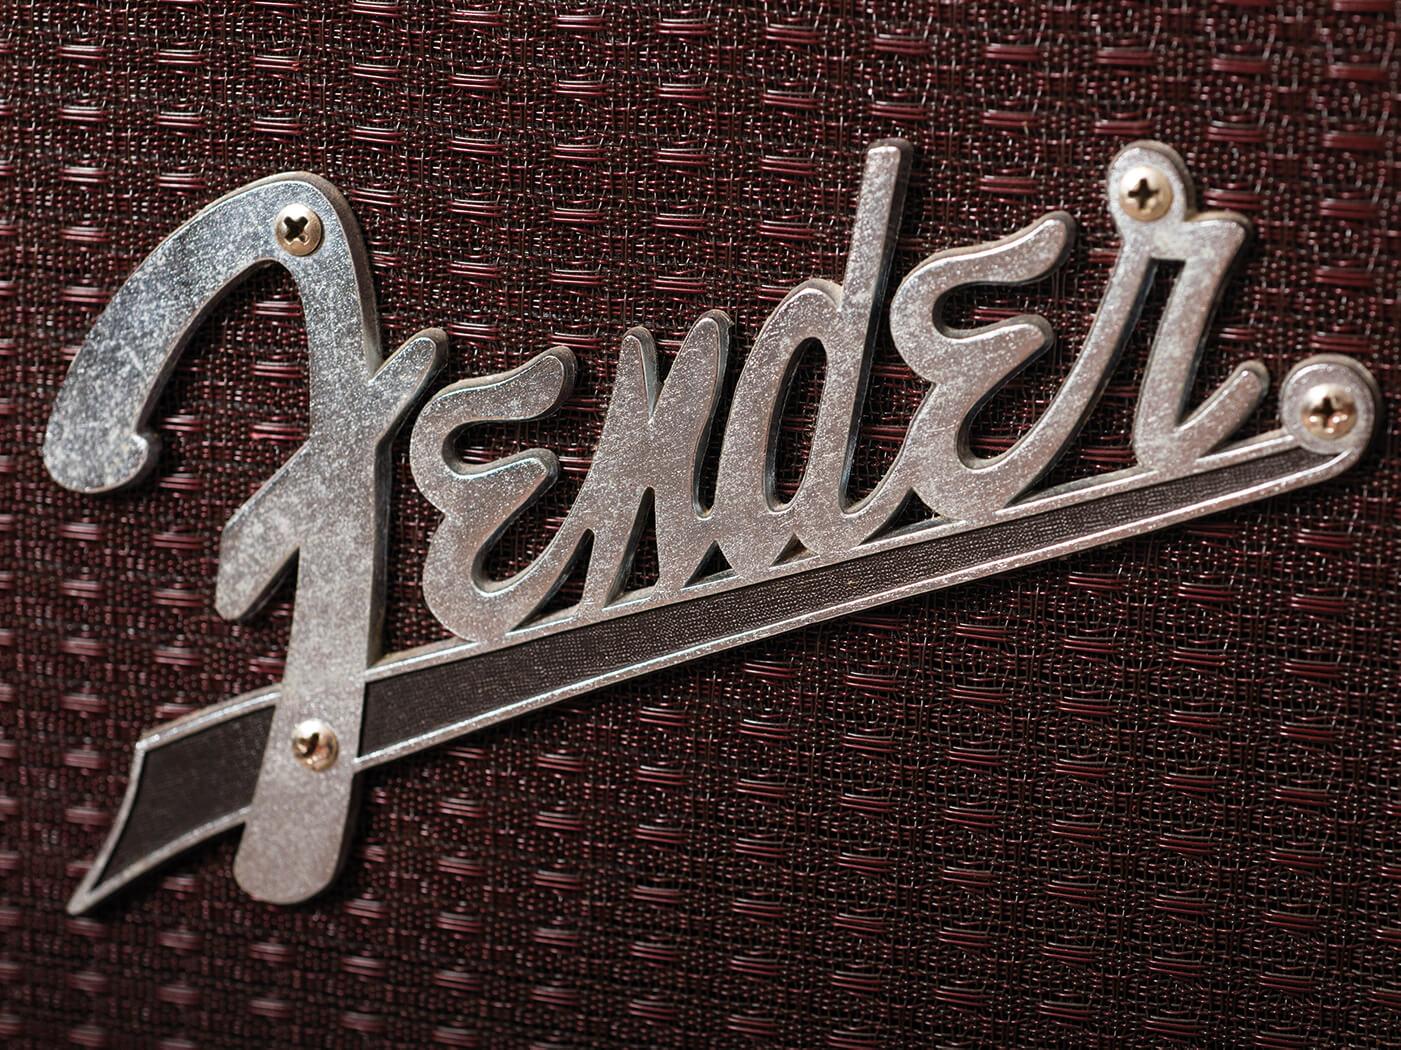 1961 Fender Pro Amp logo